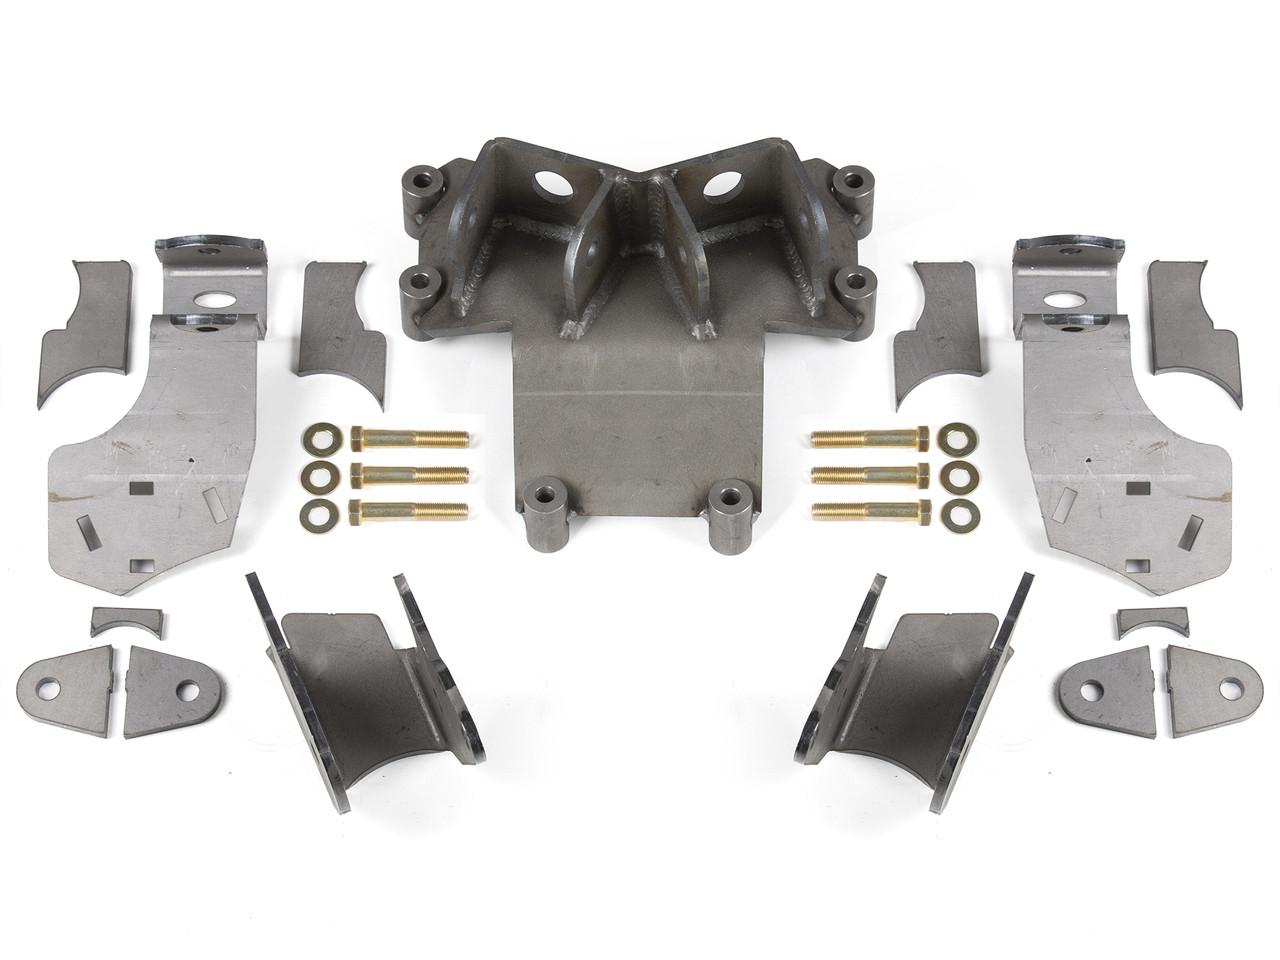 """JK Elite Rear axle bracket kit for a 4.0"""" axle tube on a Dynatrac Pro Rock 80"""